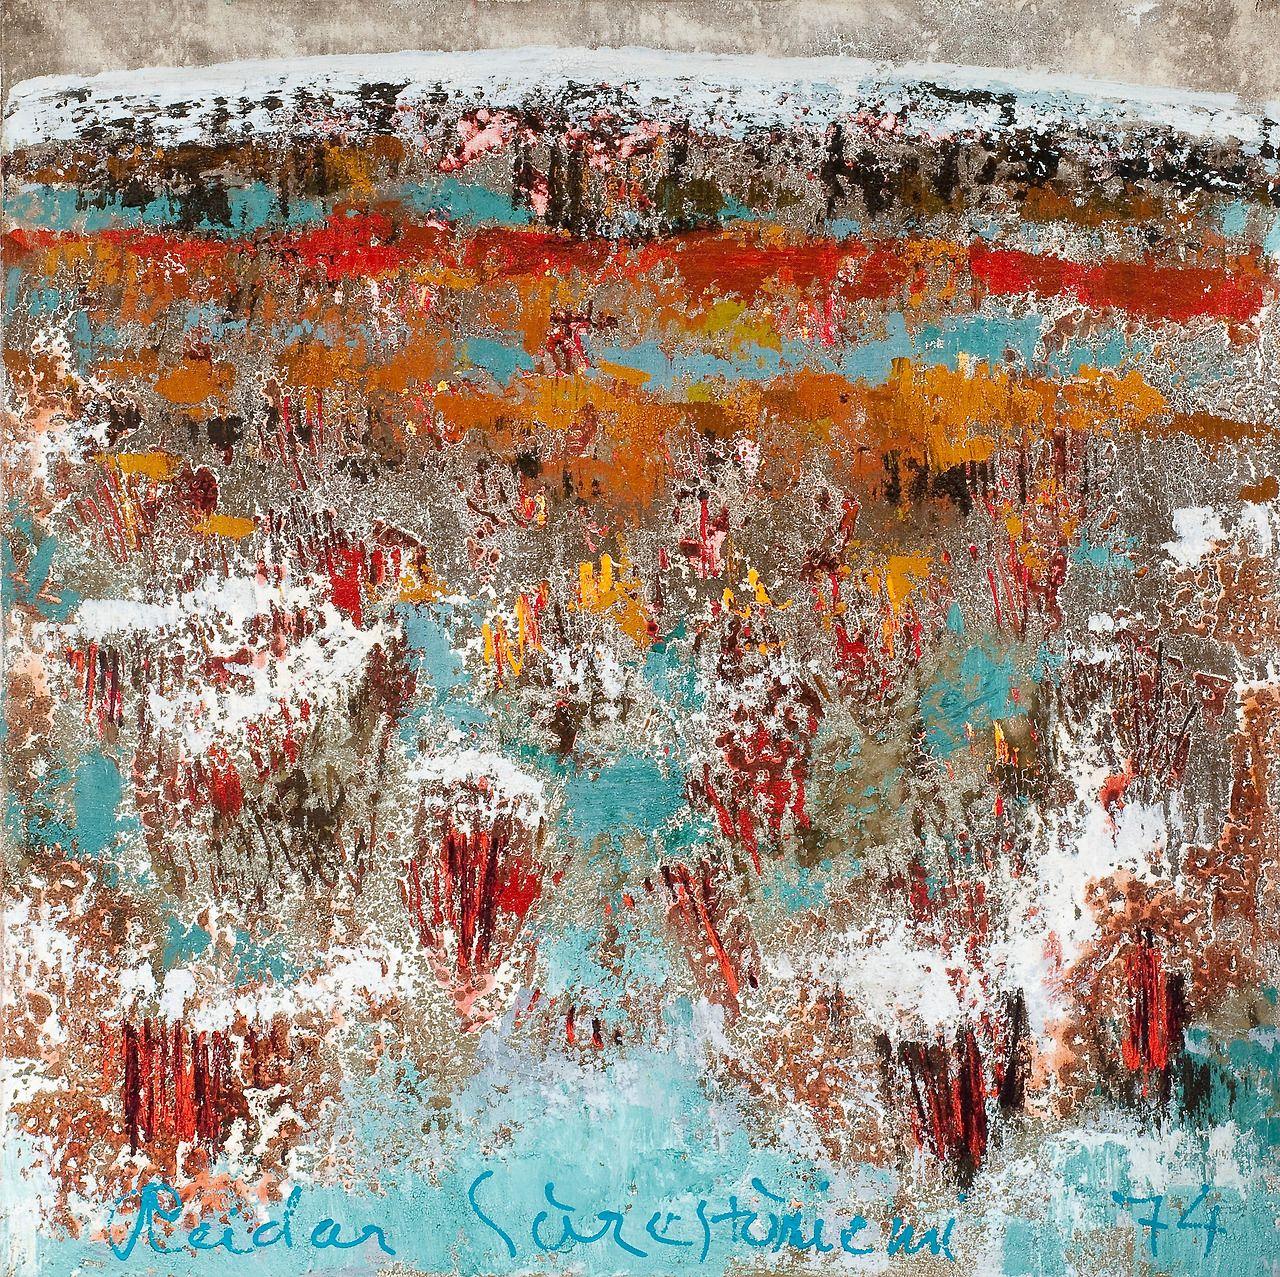 iamjapanese:  Reidar Särestöniemi(Finnish, 1925-1981) frosted Birch Grove    1970 Village in Winter     1976 Autumn Landscape(the first snow)     1973 Frosty Birches    1977 The cold night and the crescent Autumn JÄNKÄLLÄ    1974